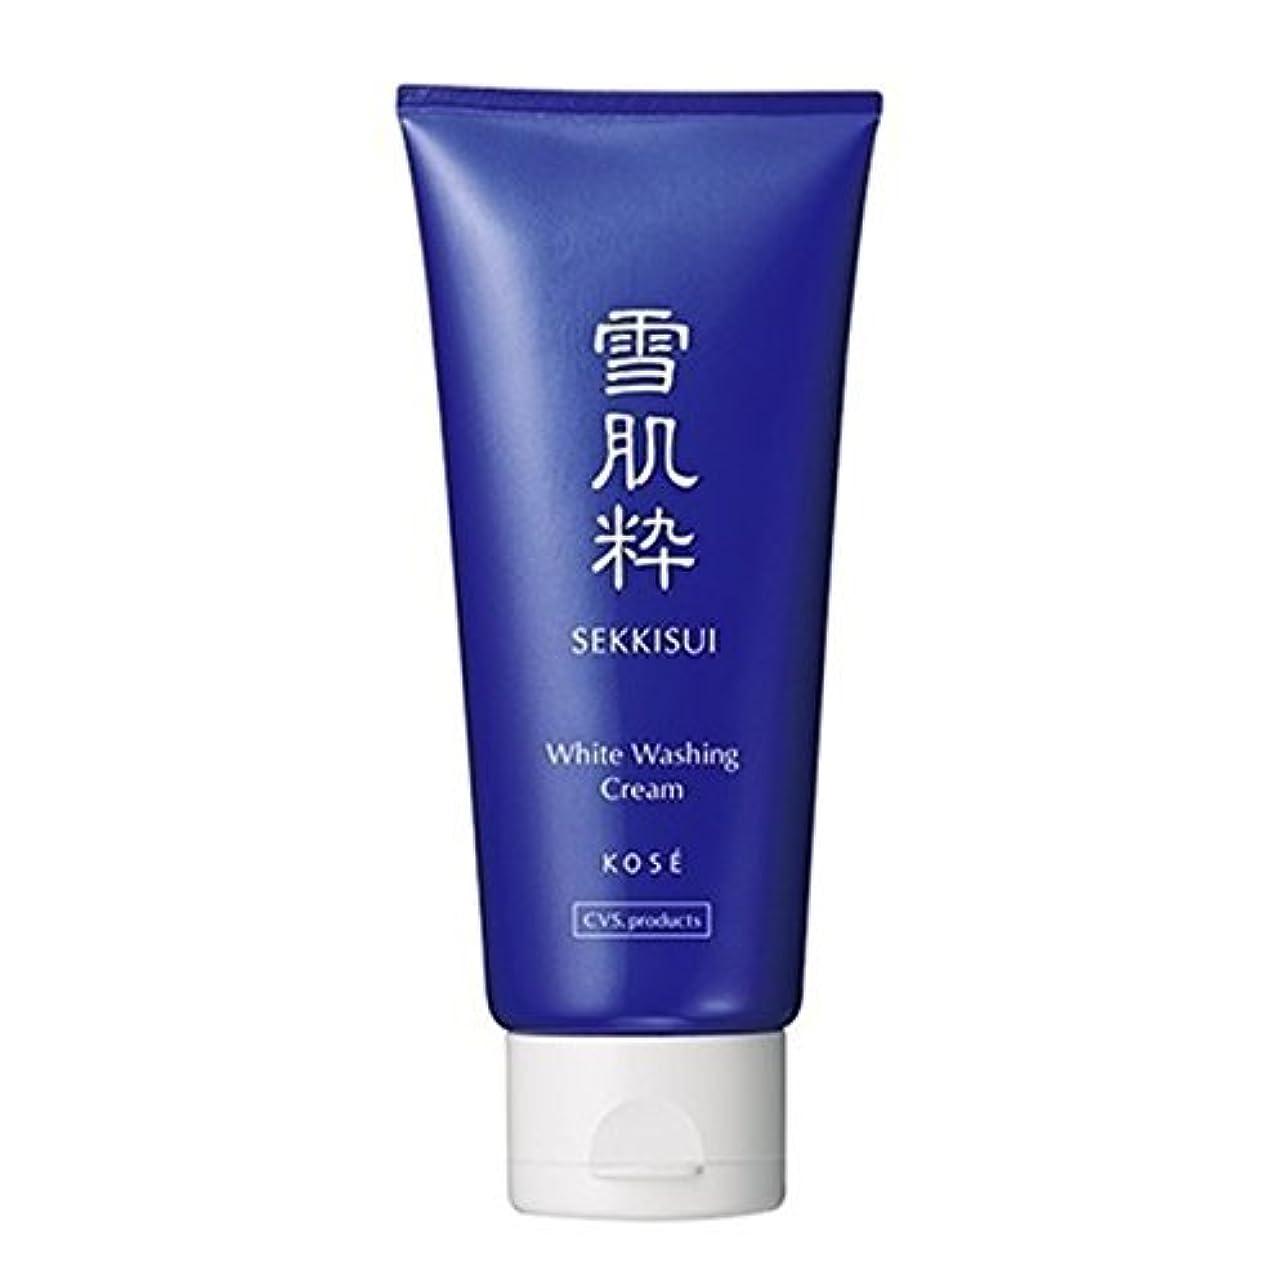 一般物思いにふける十二コーセー 雪肌粋 ホワイト洗顔クリーム Kose Sekkisui White Washing Cream 80g×3本